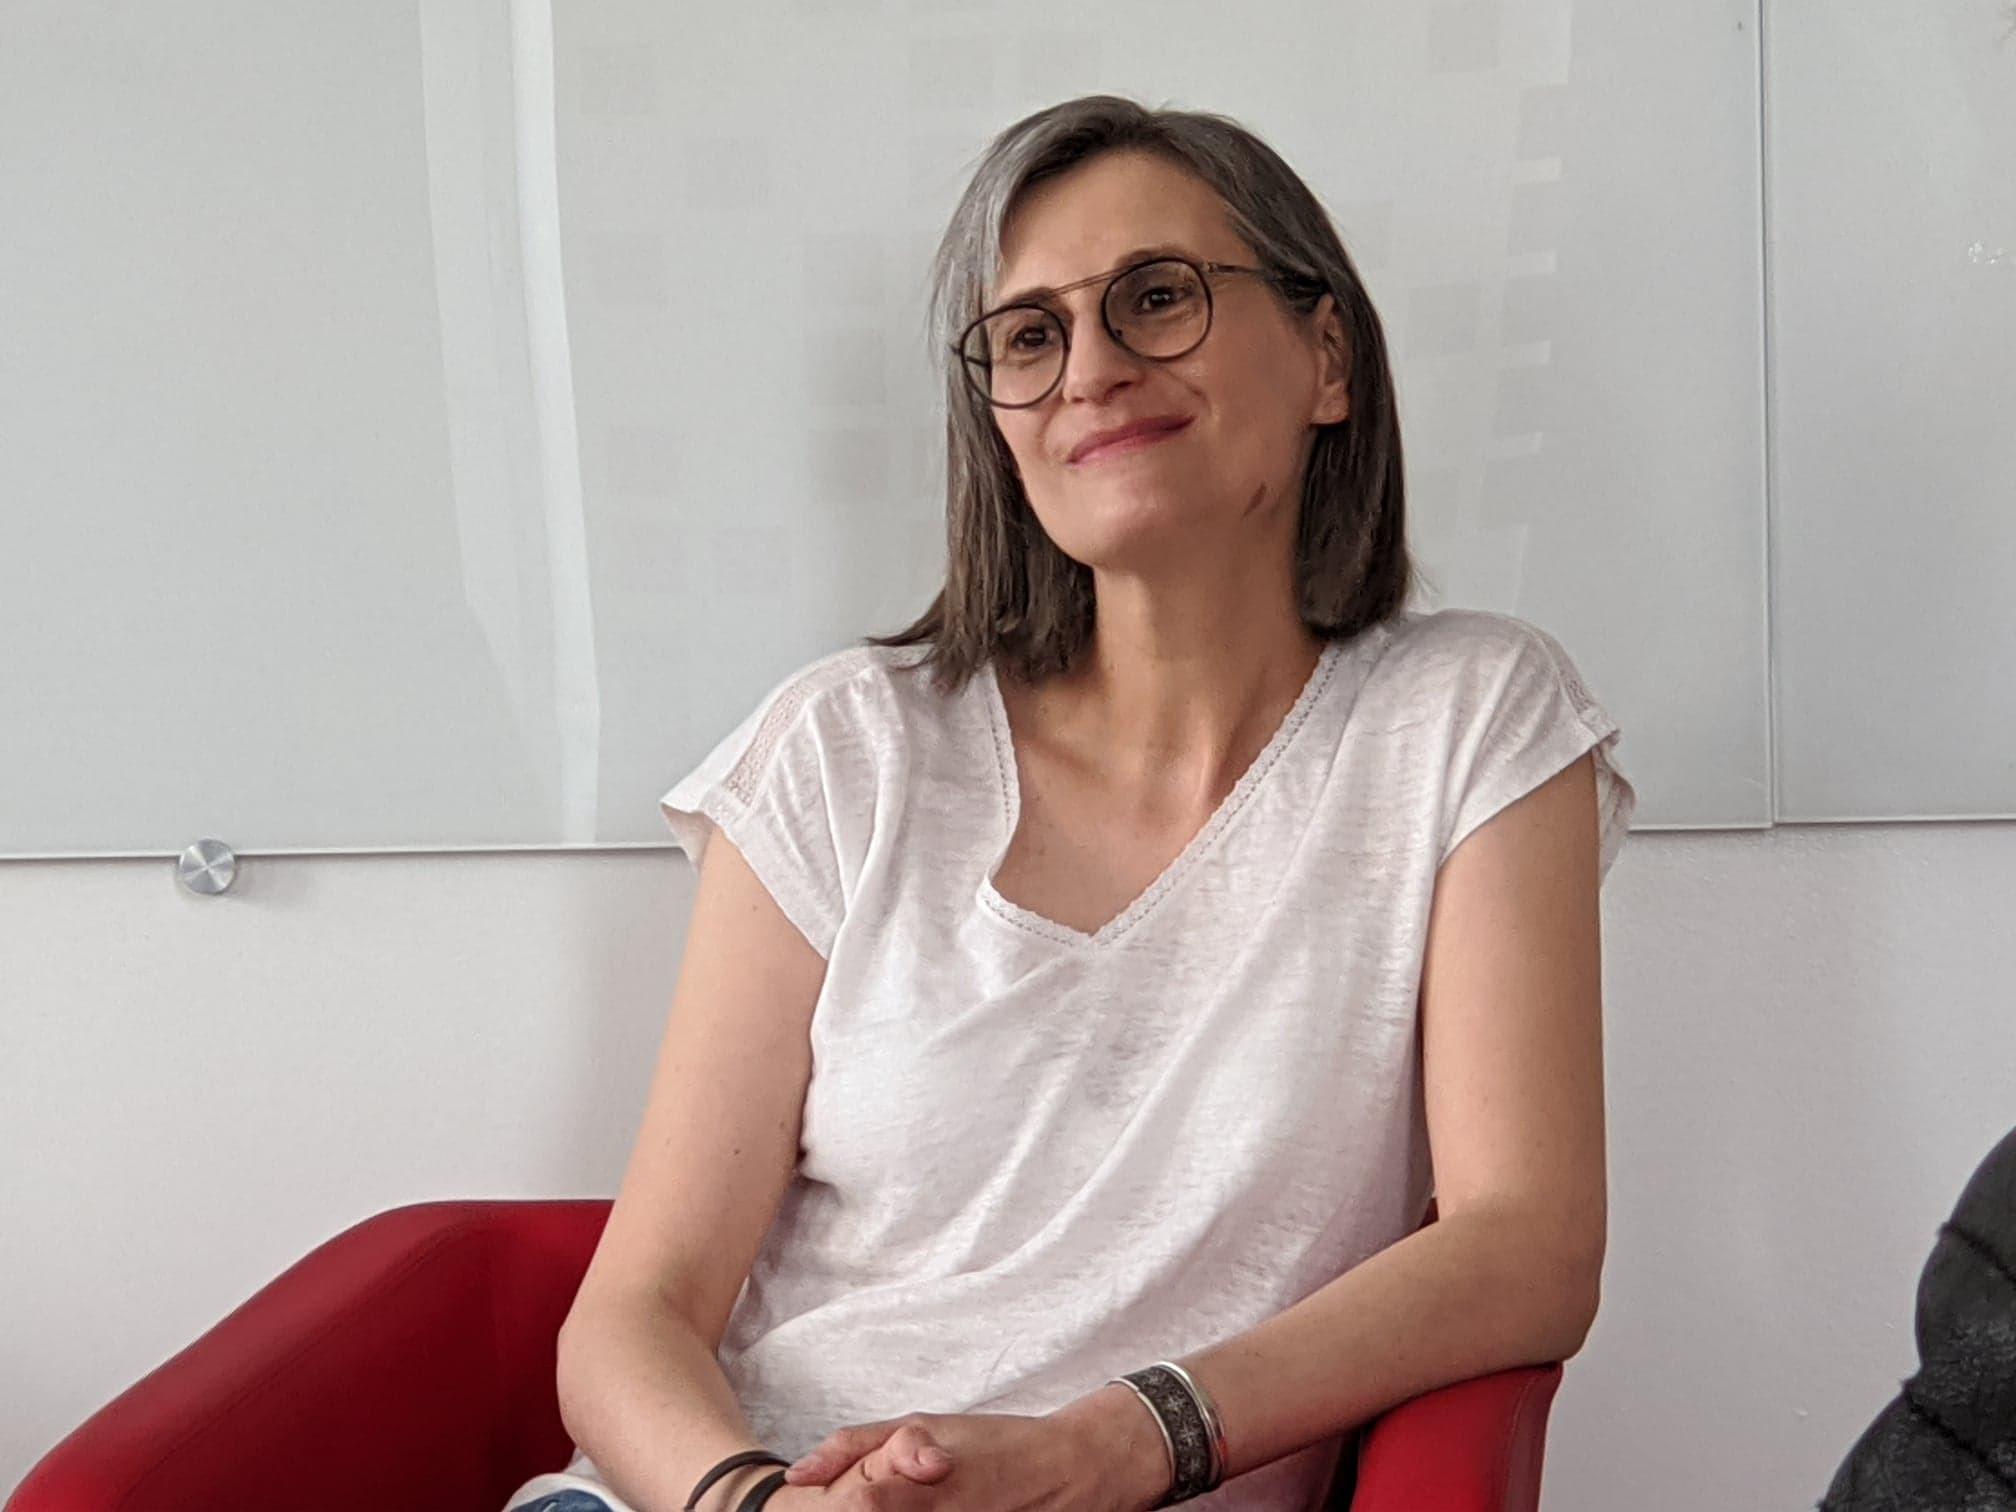 [UNIVERSITE] La nouvelle Présidente détaille son projet pour l'Université de Nantes